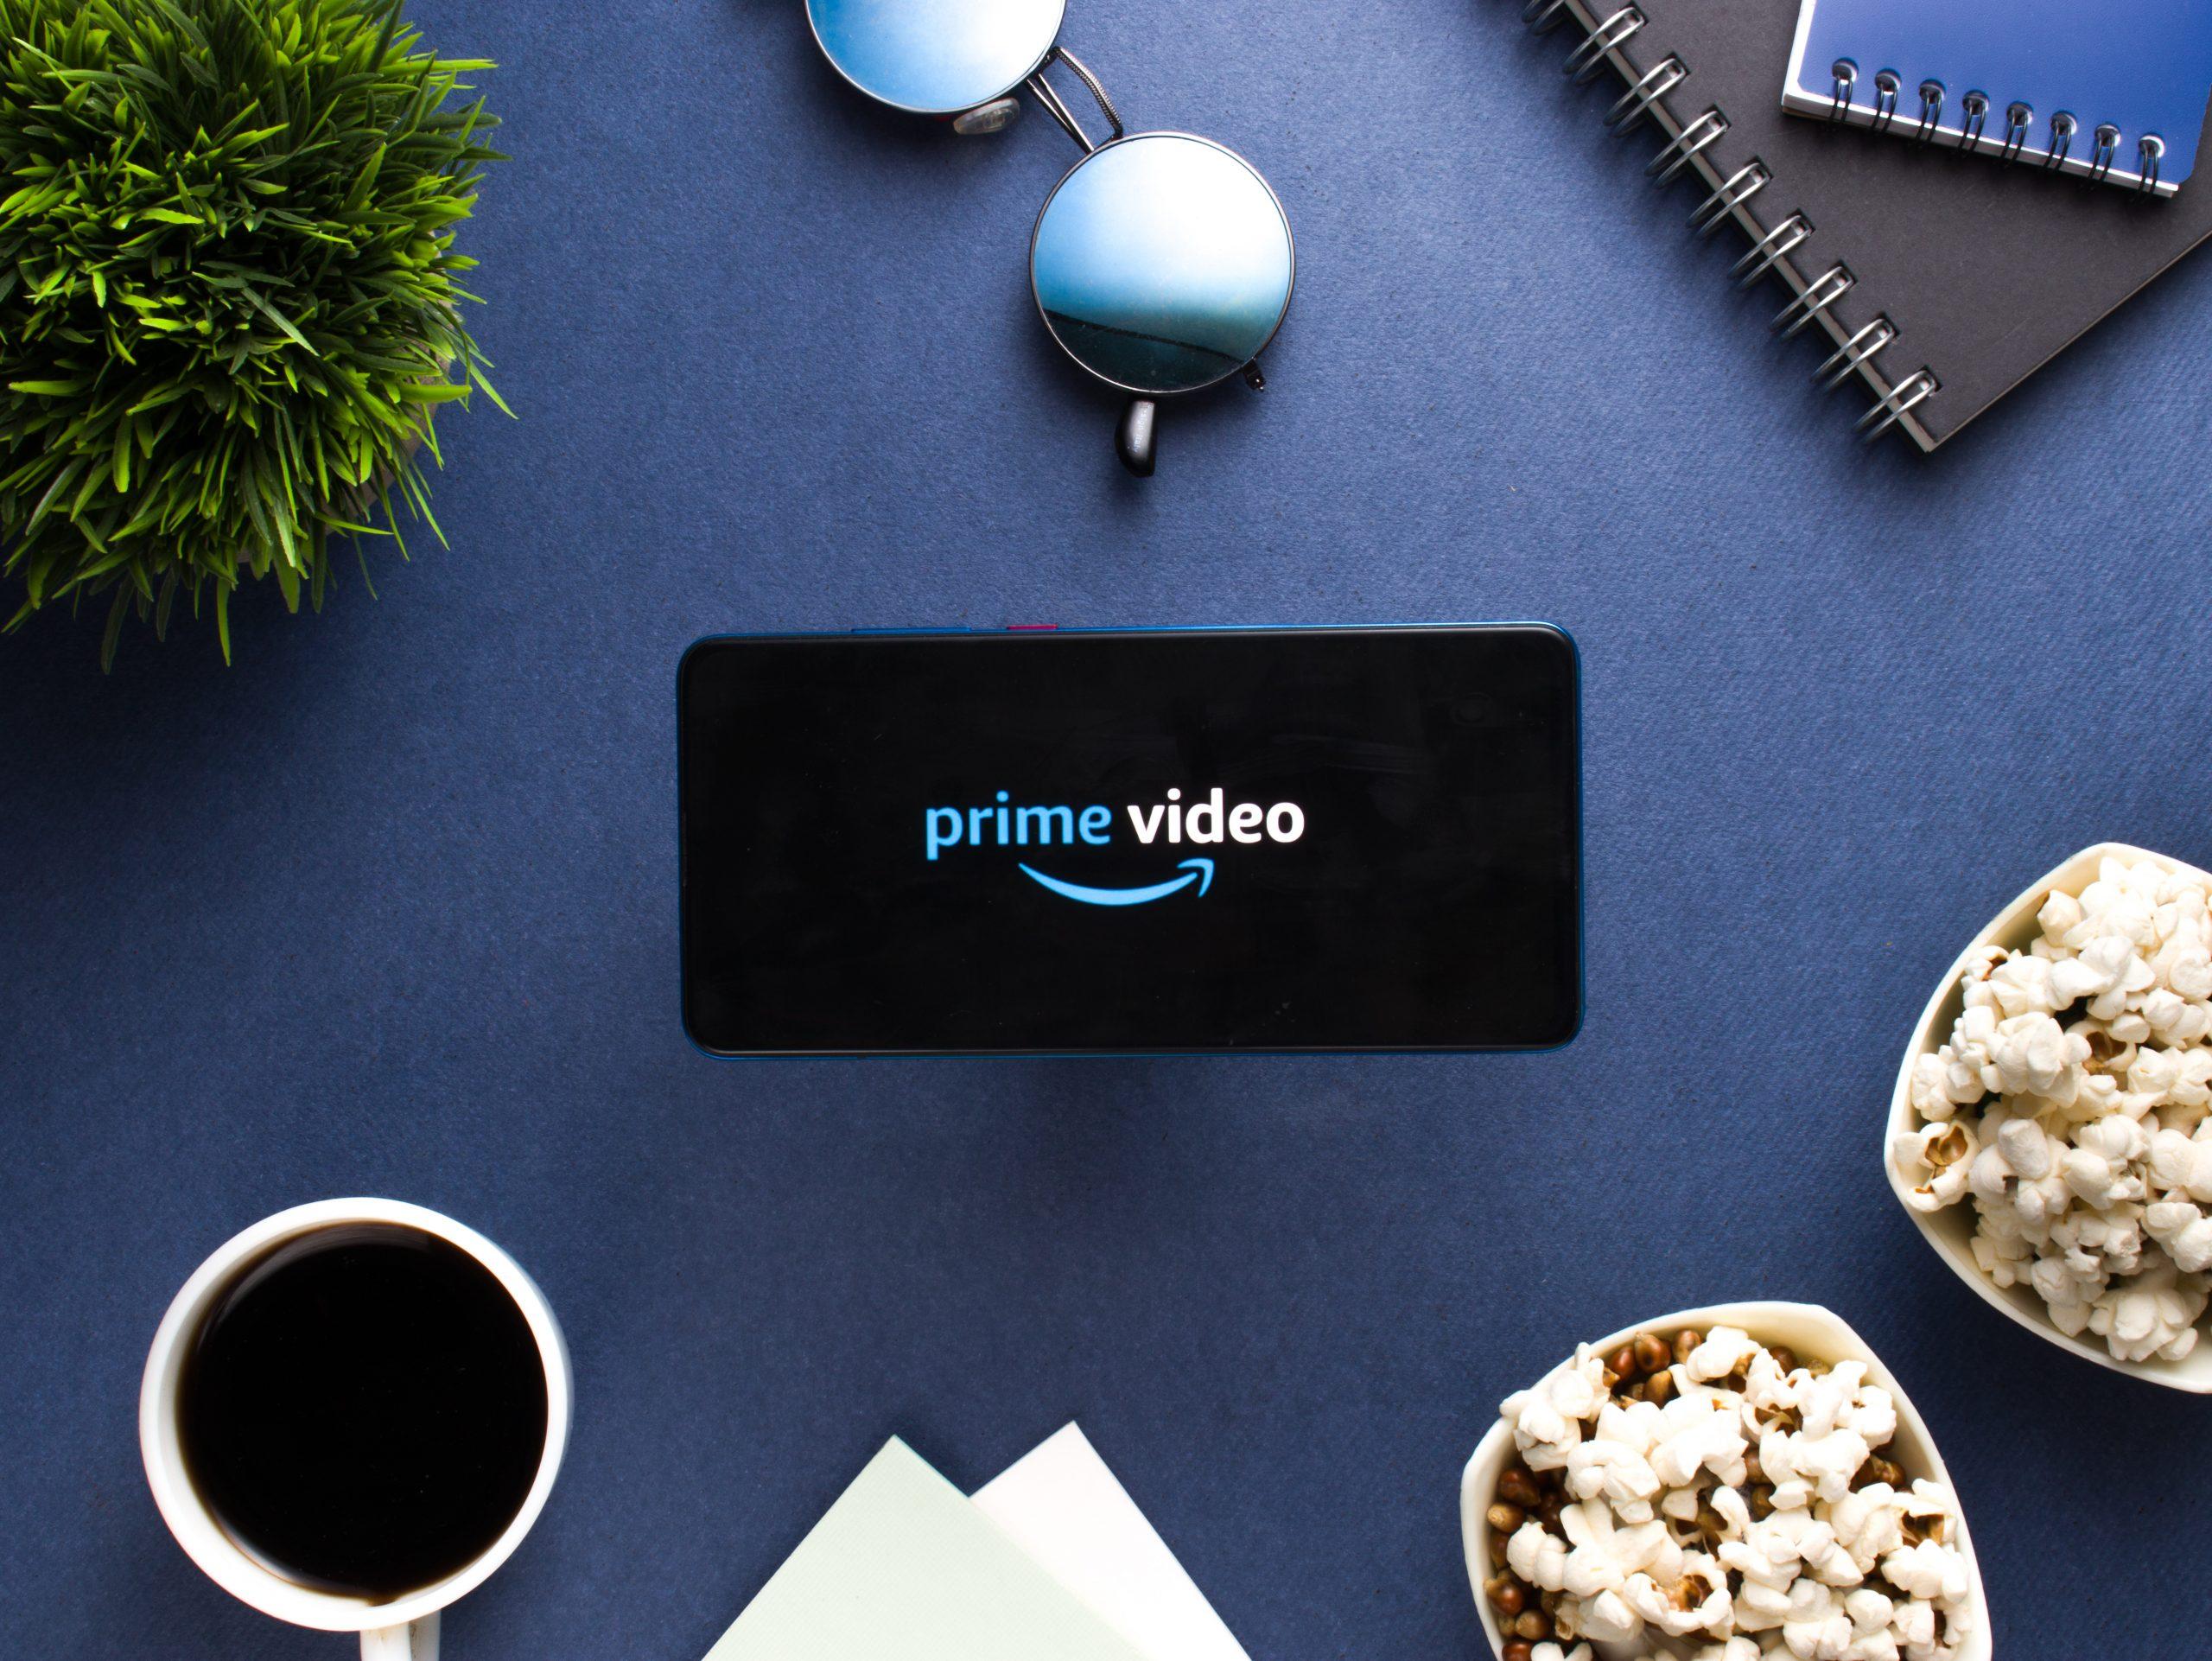 Les Nouveautés et Sorties Amazon Prime Video de Mars 2021